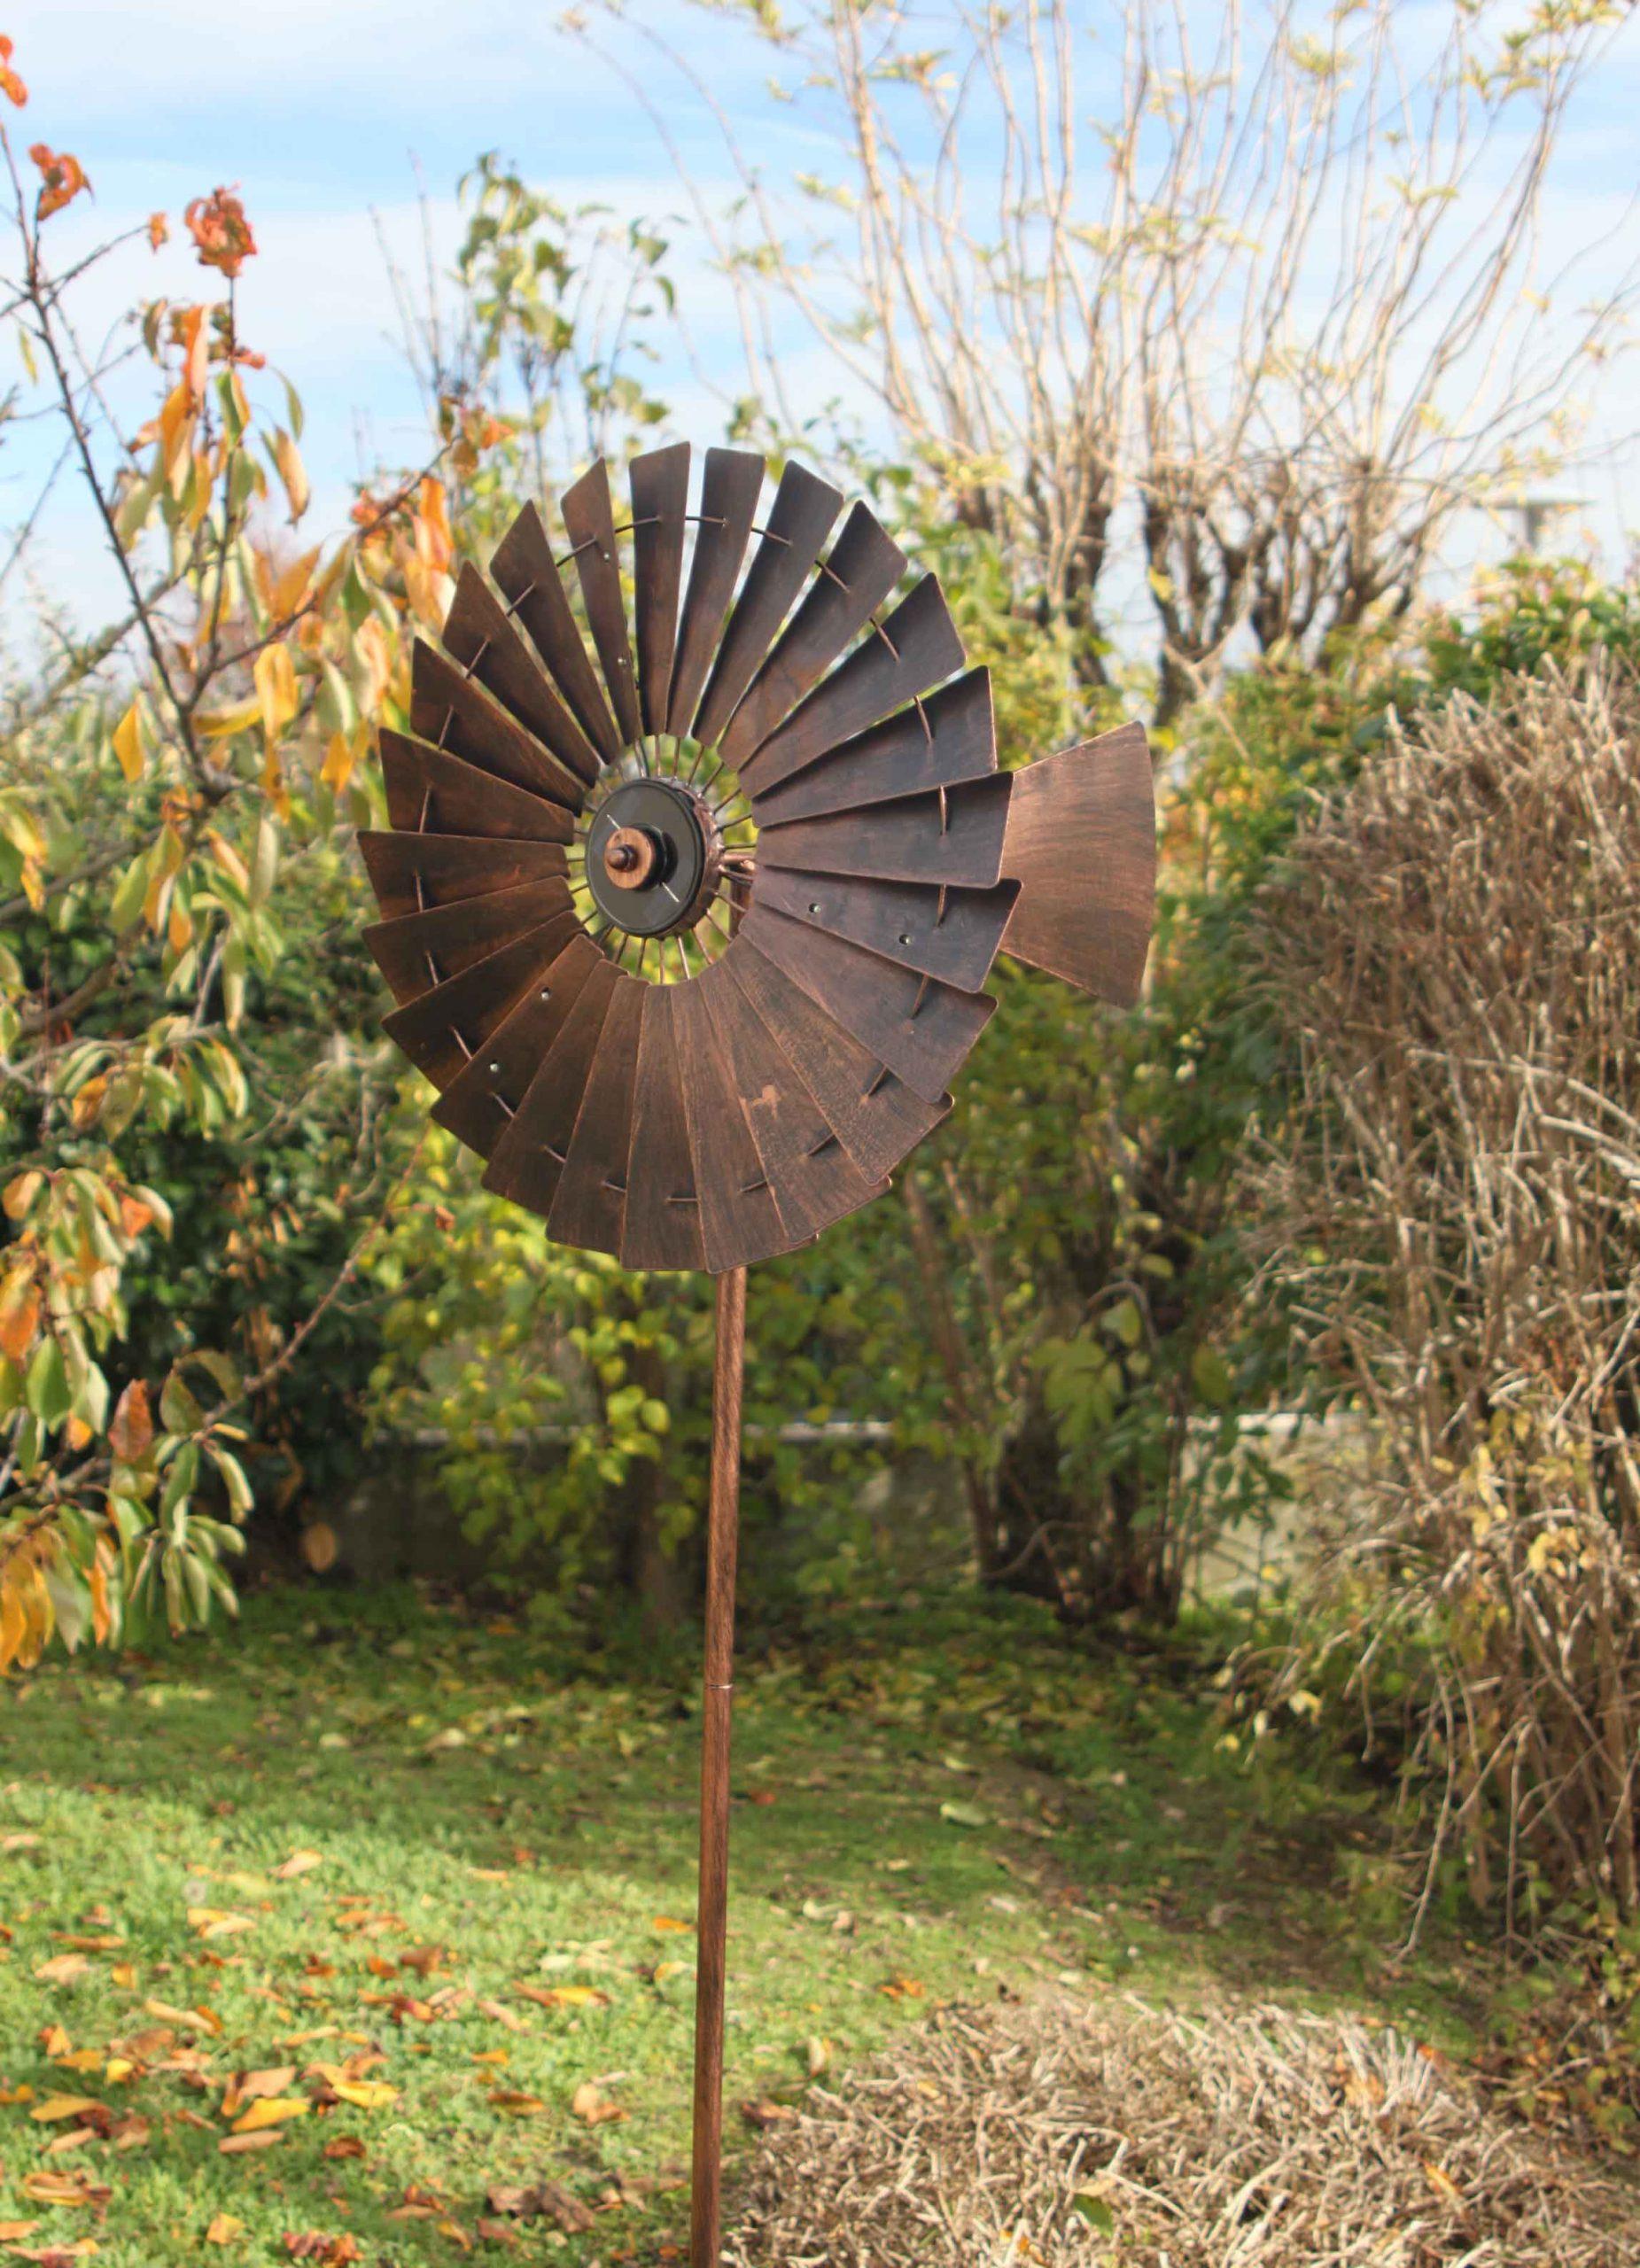 Girouettes Et Éoliennes Qui Tournent Au Vent à Eolienne De Jardin